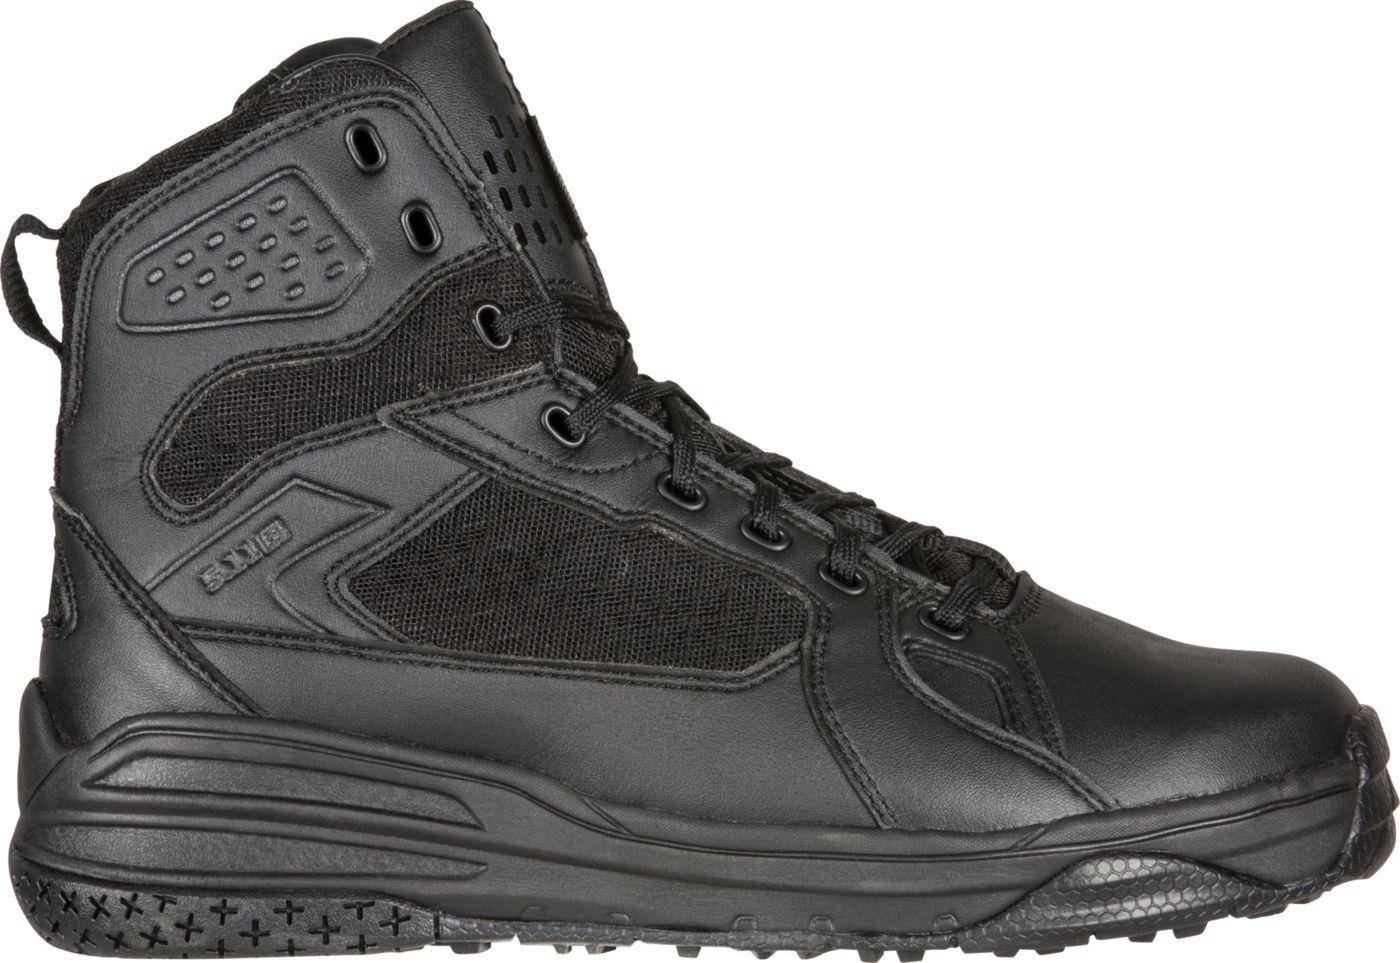 5.11 Tactical Men's Halcyon Waterproof Tactical Boots